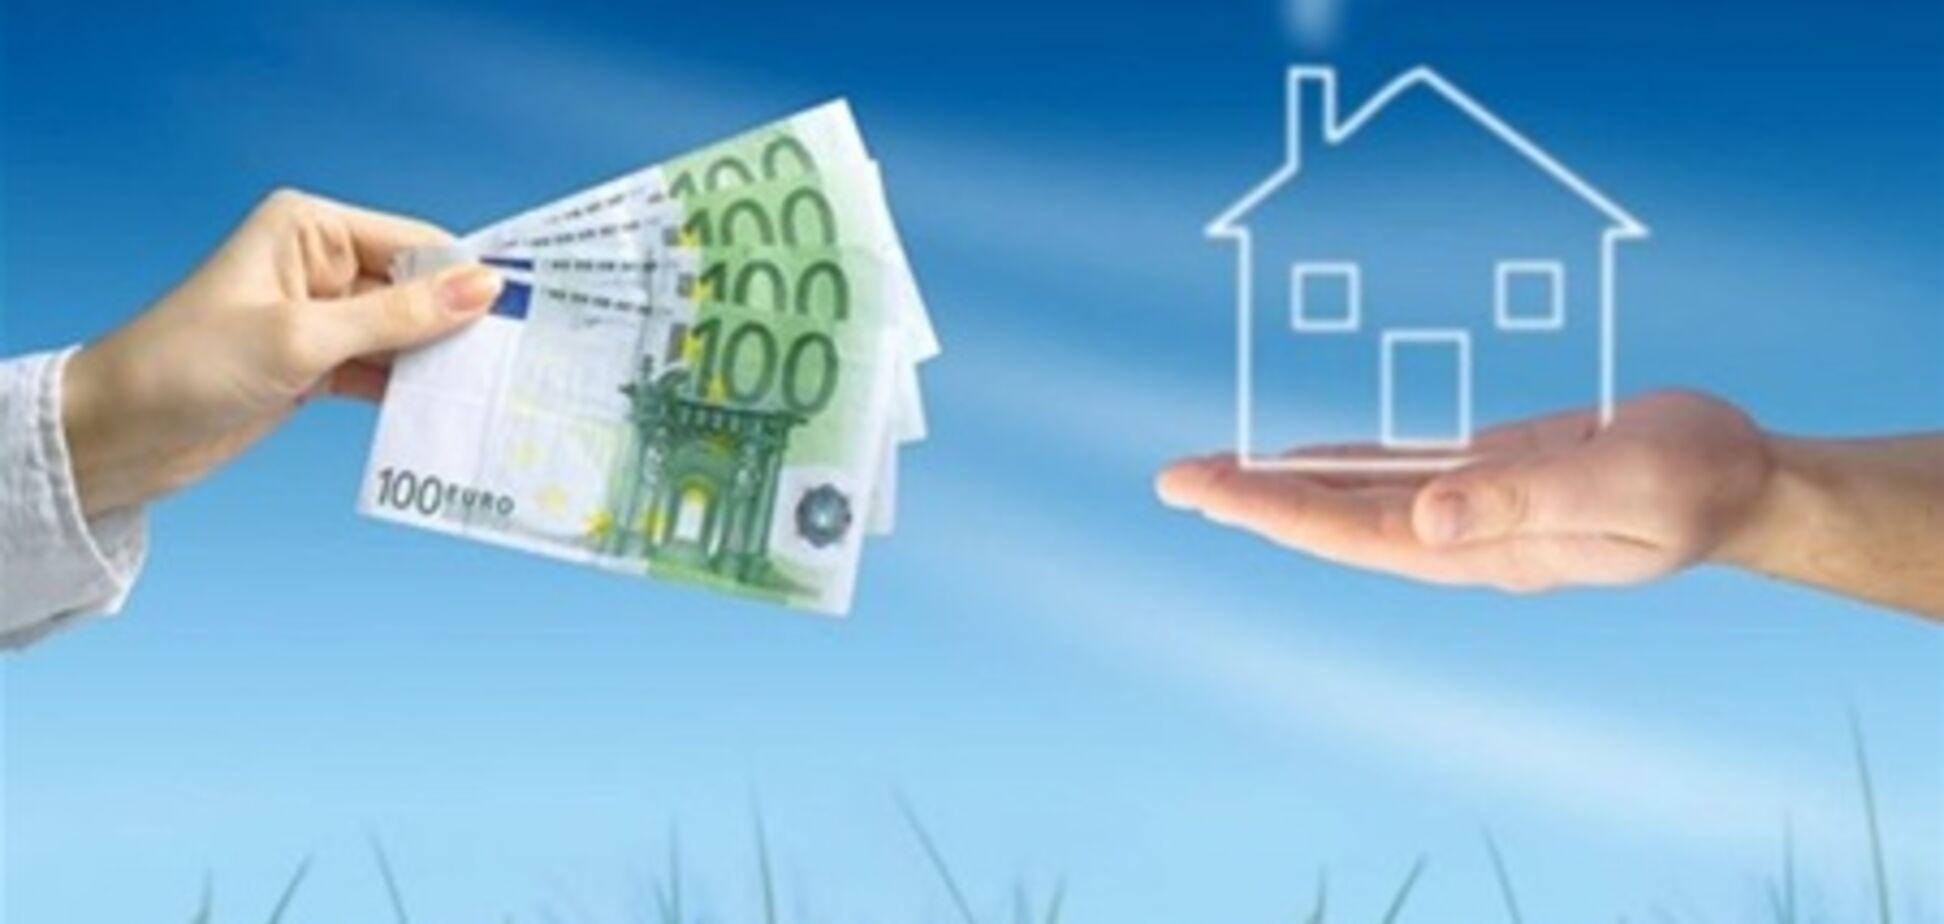 Цены на жилье в Украине завышены на 40-60%